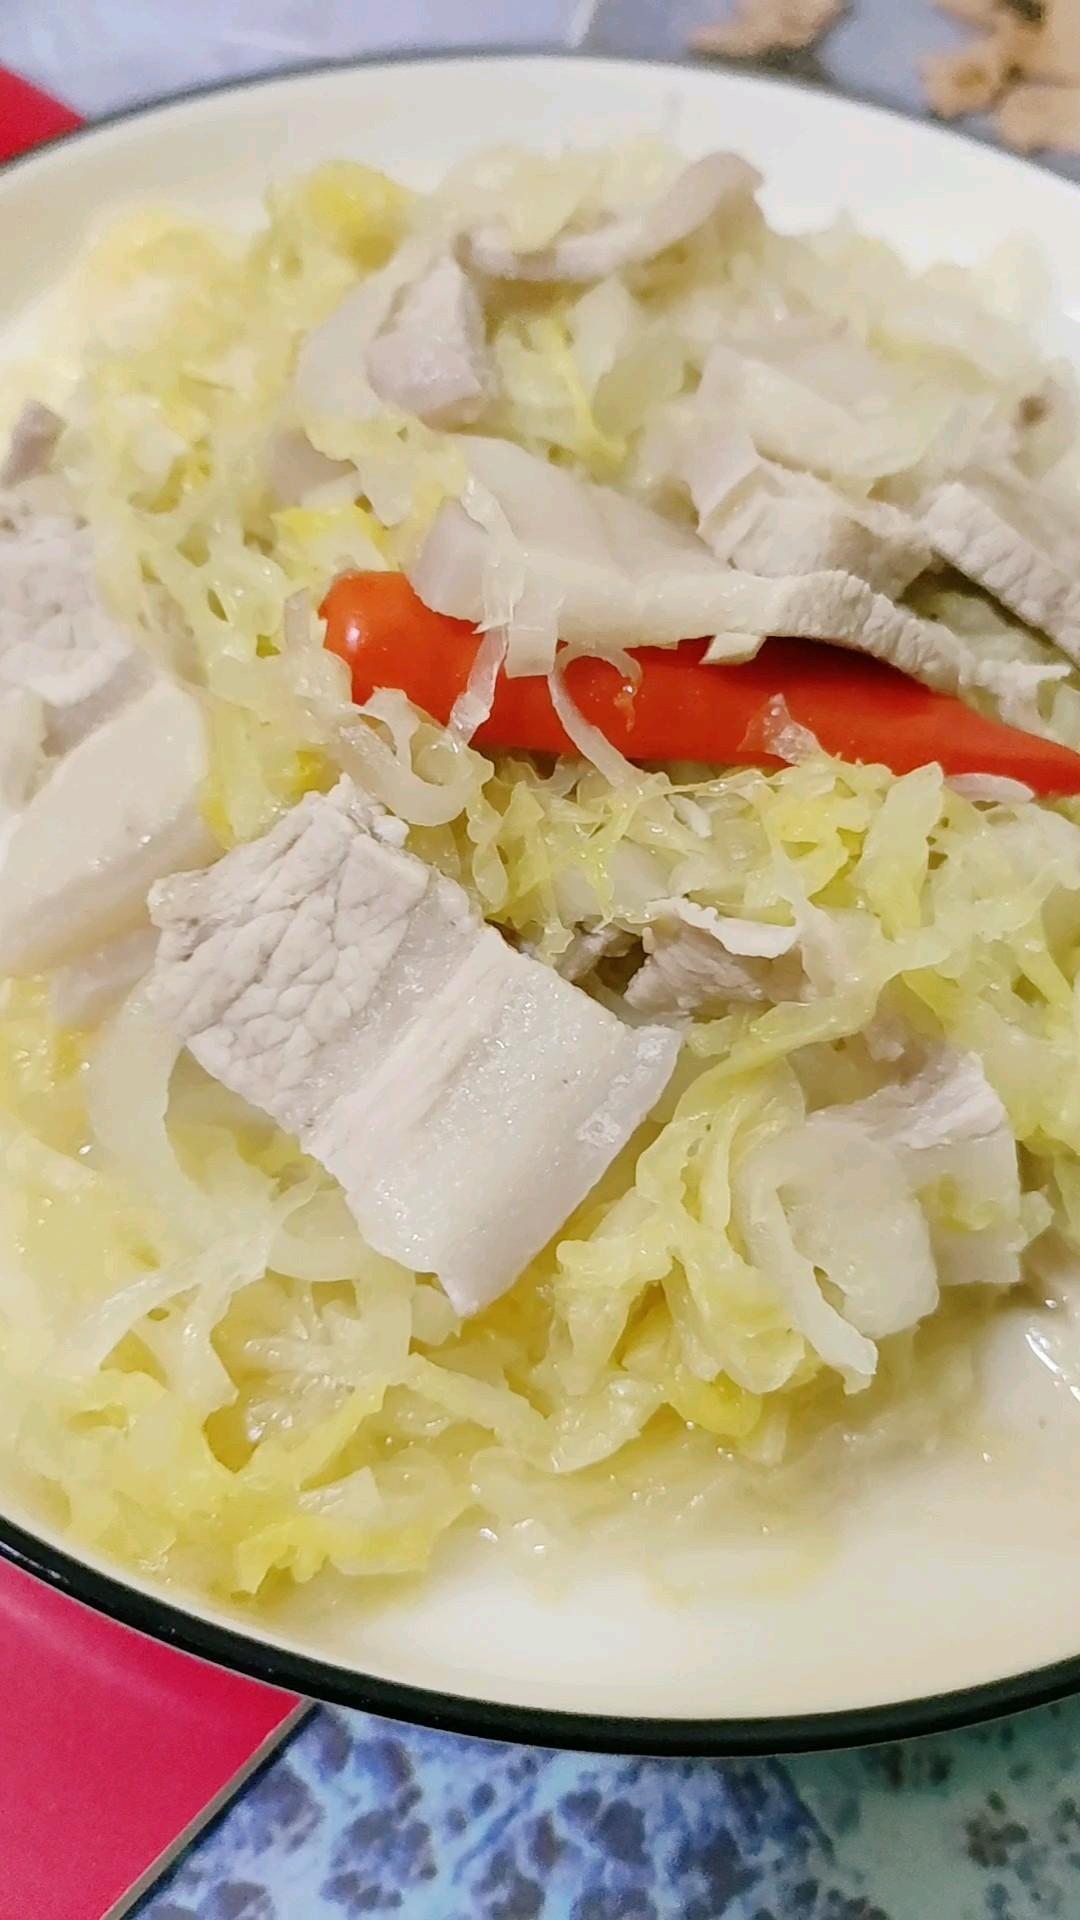 肥而不腻的酸菜川白肉的做法【步骤图】